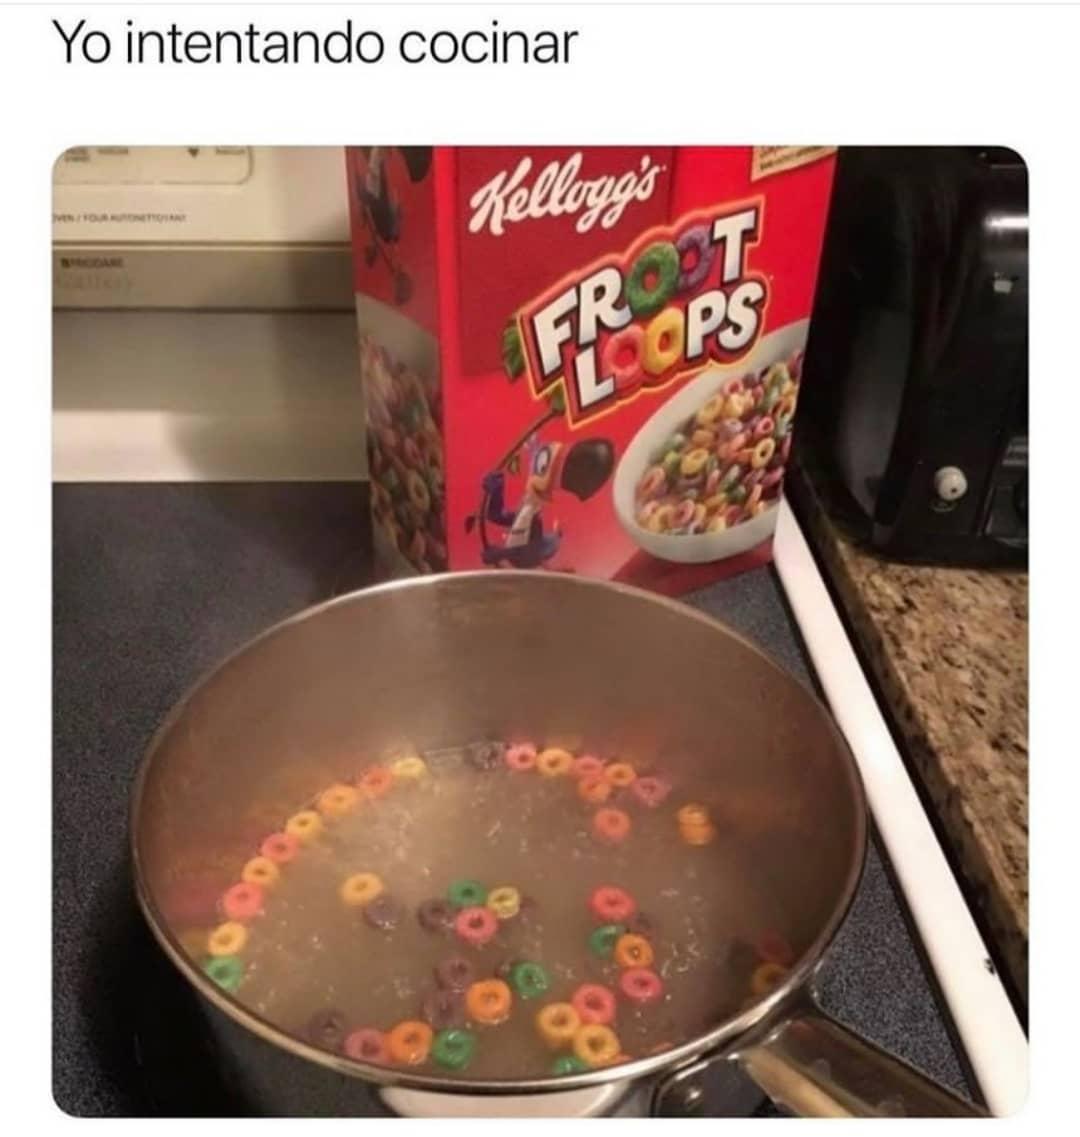 Yo intentando cocinar.